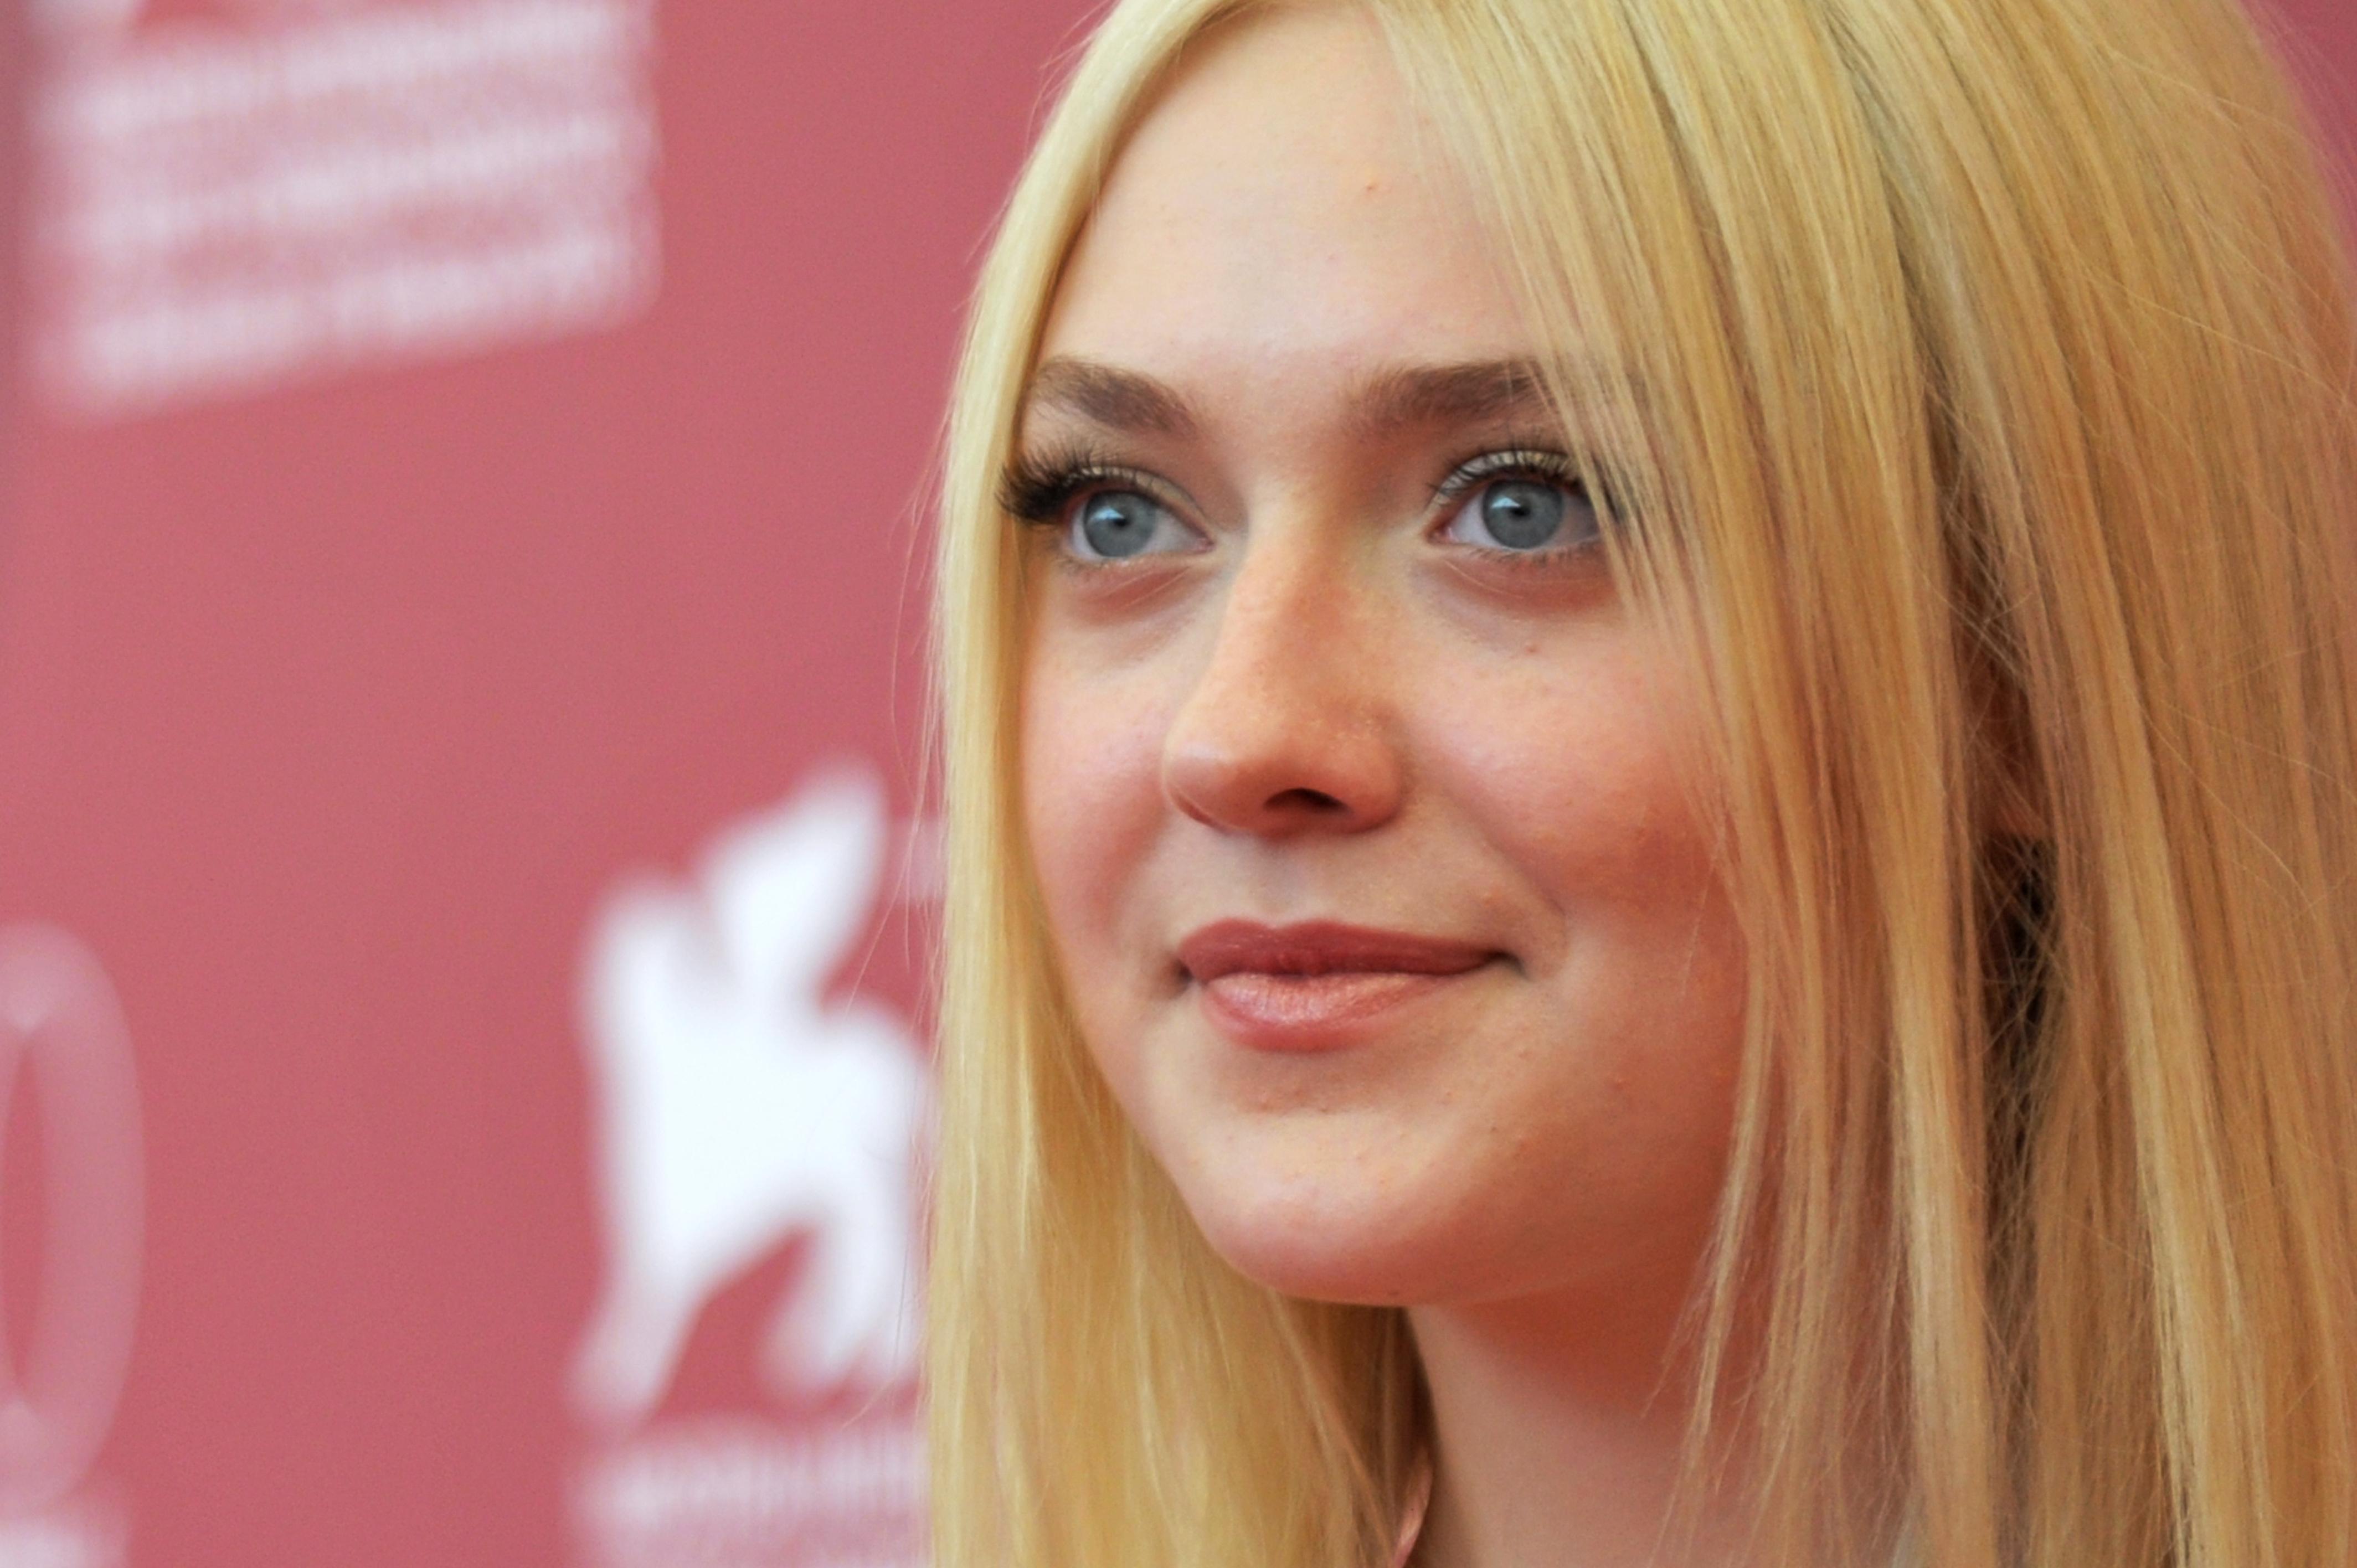 Nuance naturali e labbra glossate di rosa dorato anche per Dakota Fanning